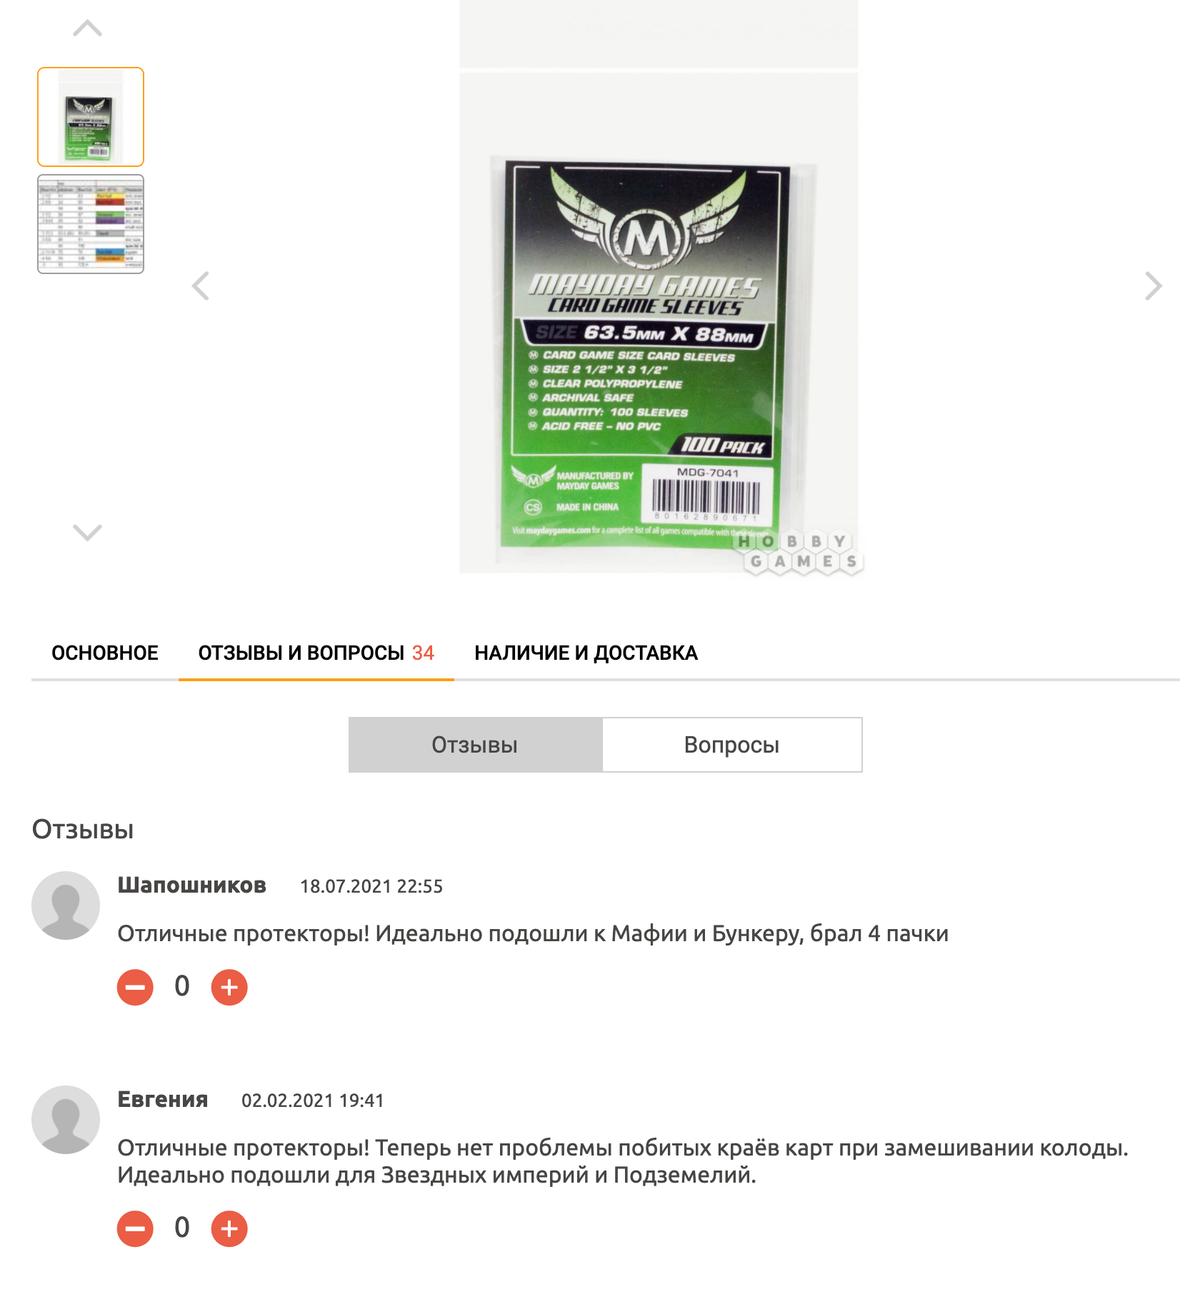 В отзывах на сайтах магазинов люди пишут, подходятли протекторы подопределенные карточки. Источник: «Хобби-геймс»